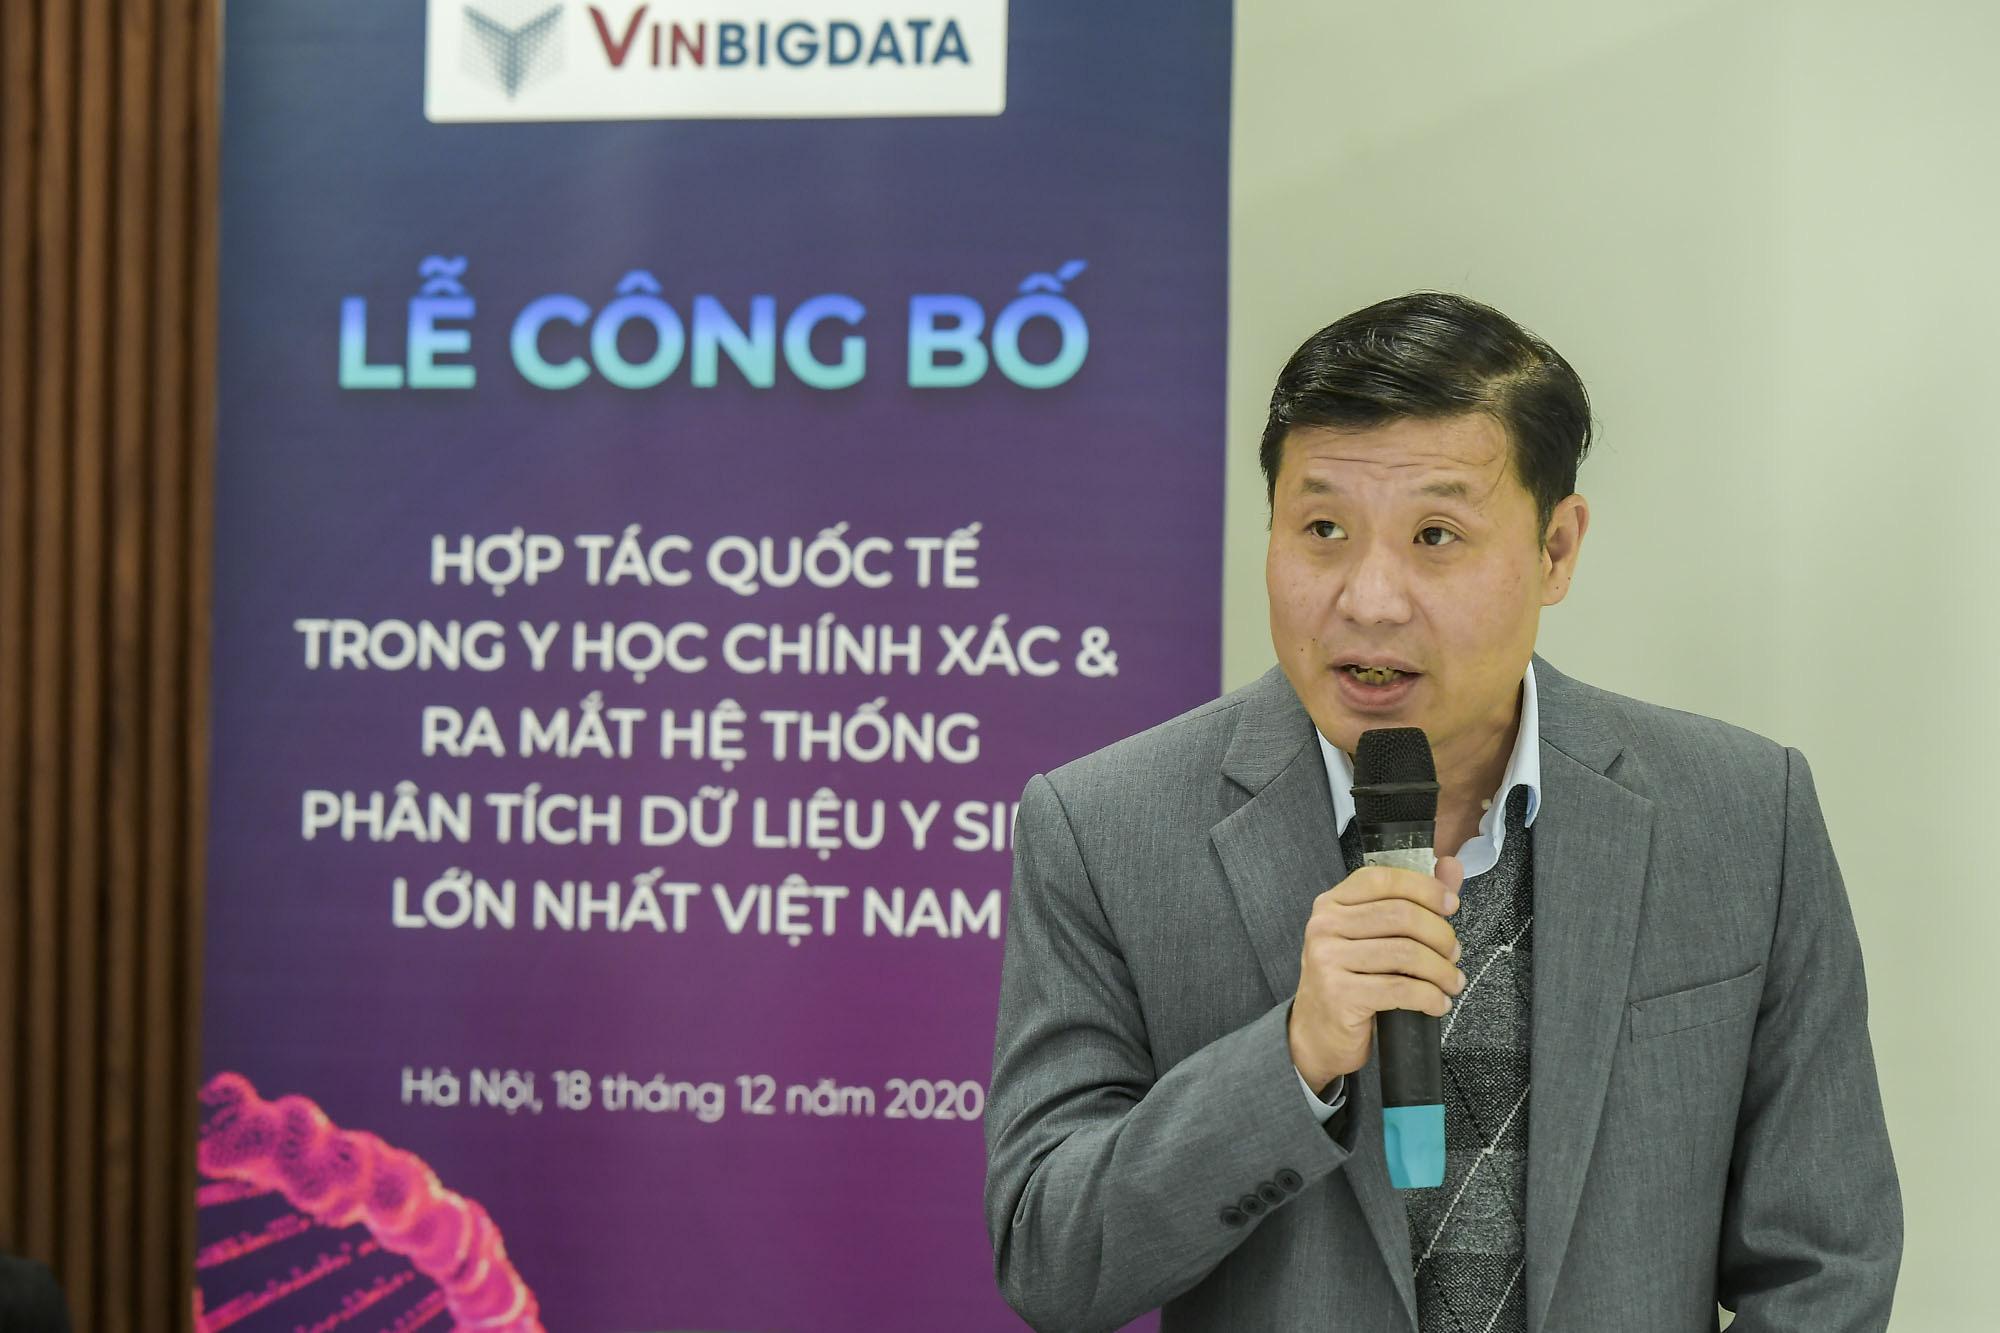 Vingroup công bố hợp tác quốc tế và ra mắt hệ thống quản lý dữ liệu Y sinh lớn nhất Việt Nam - Ảnh 1.